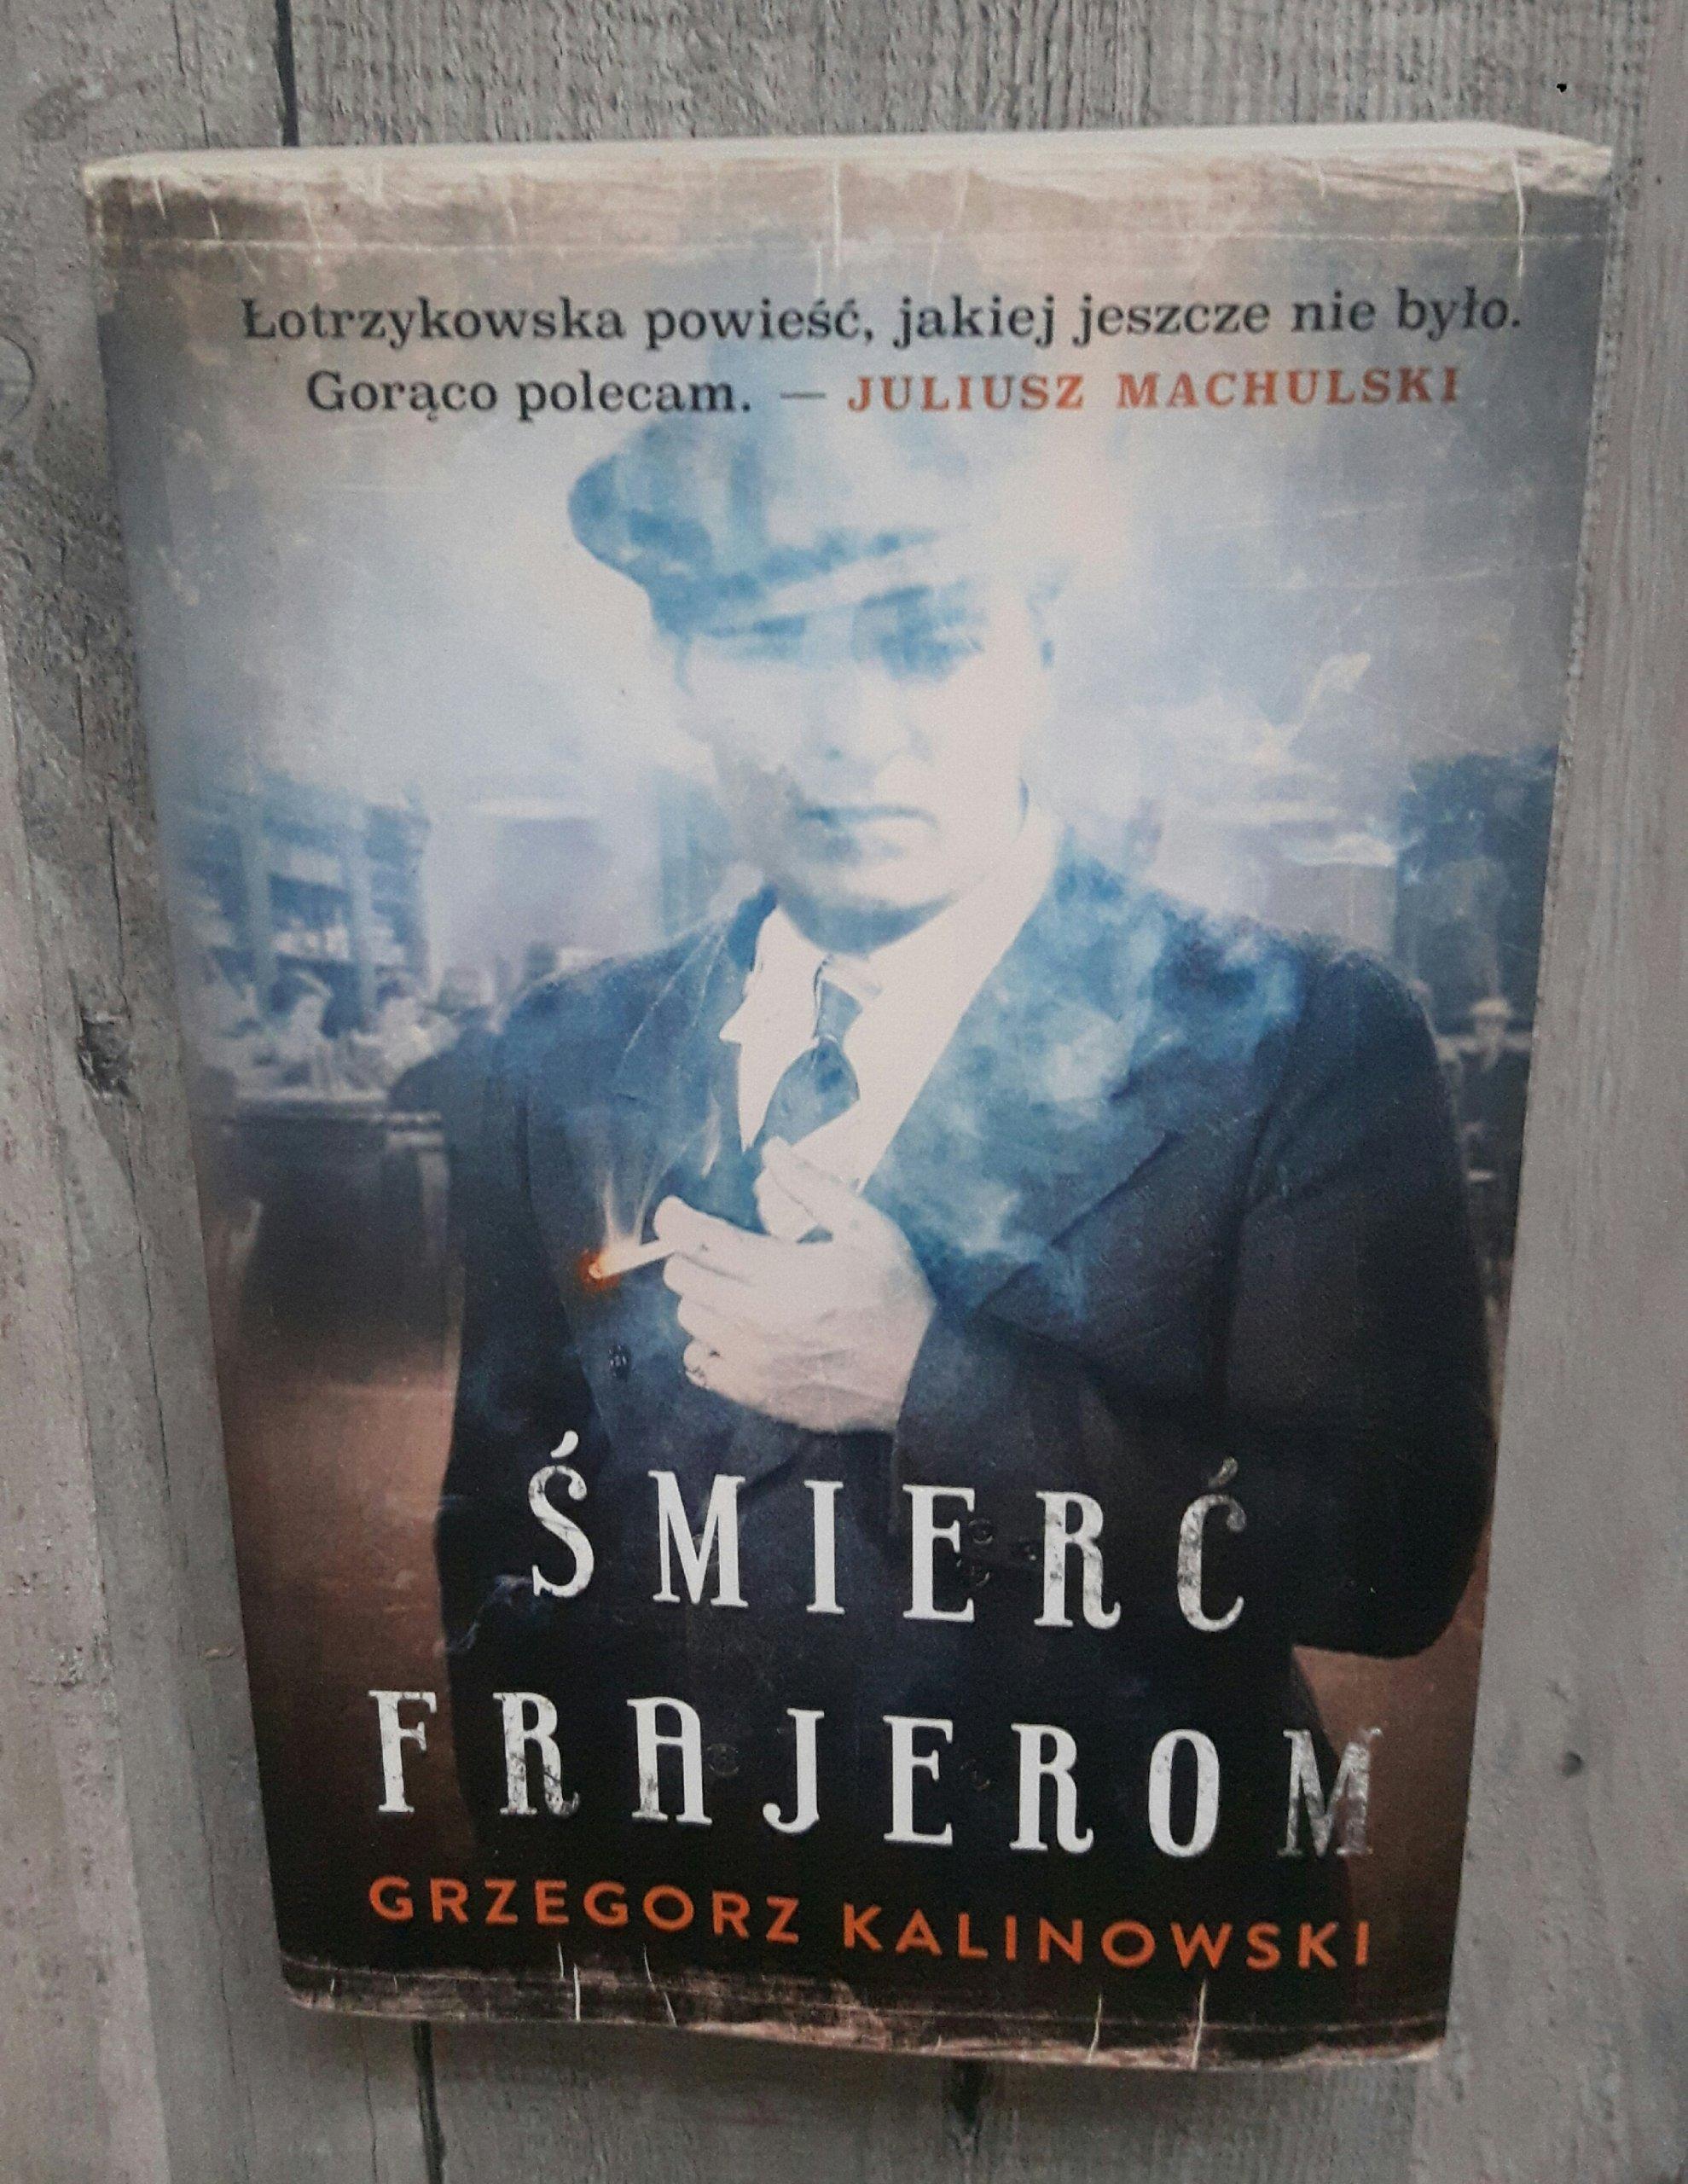 książka Grzegorz Kalinowski 'Śmierć frajerom'